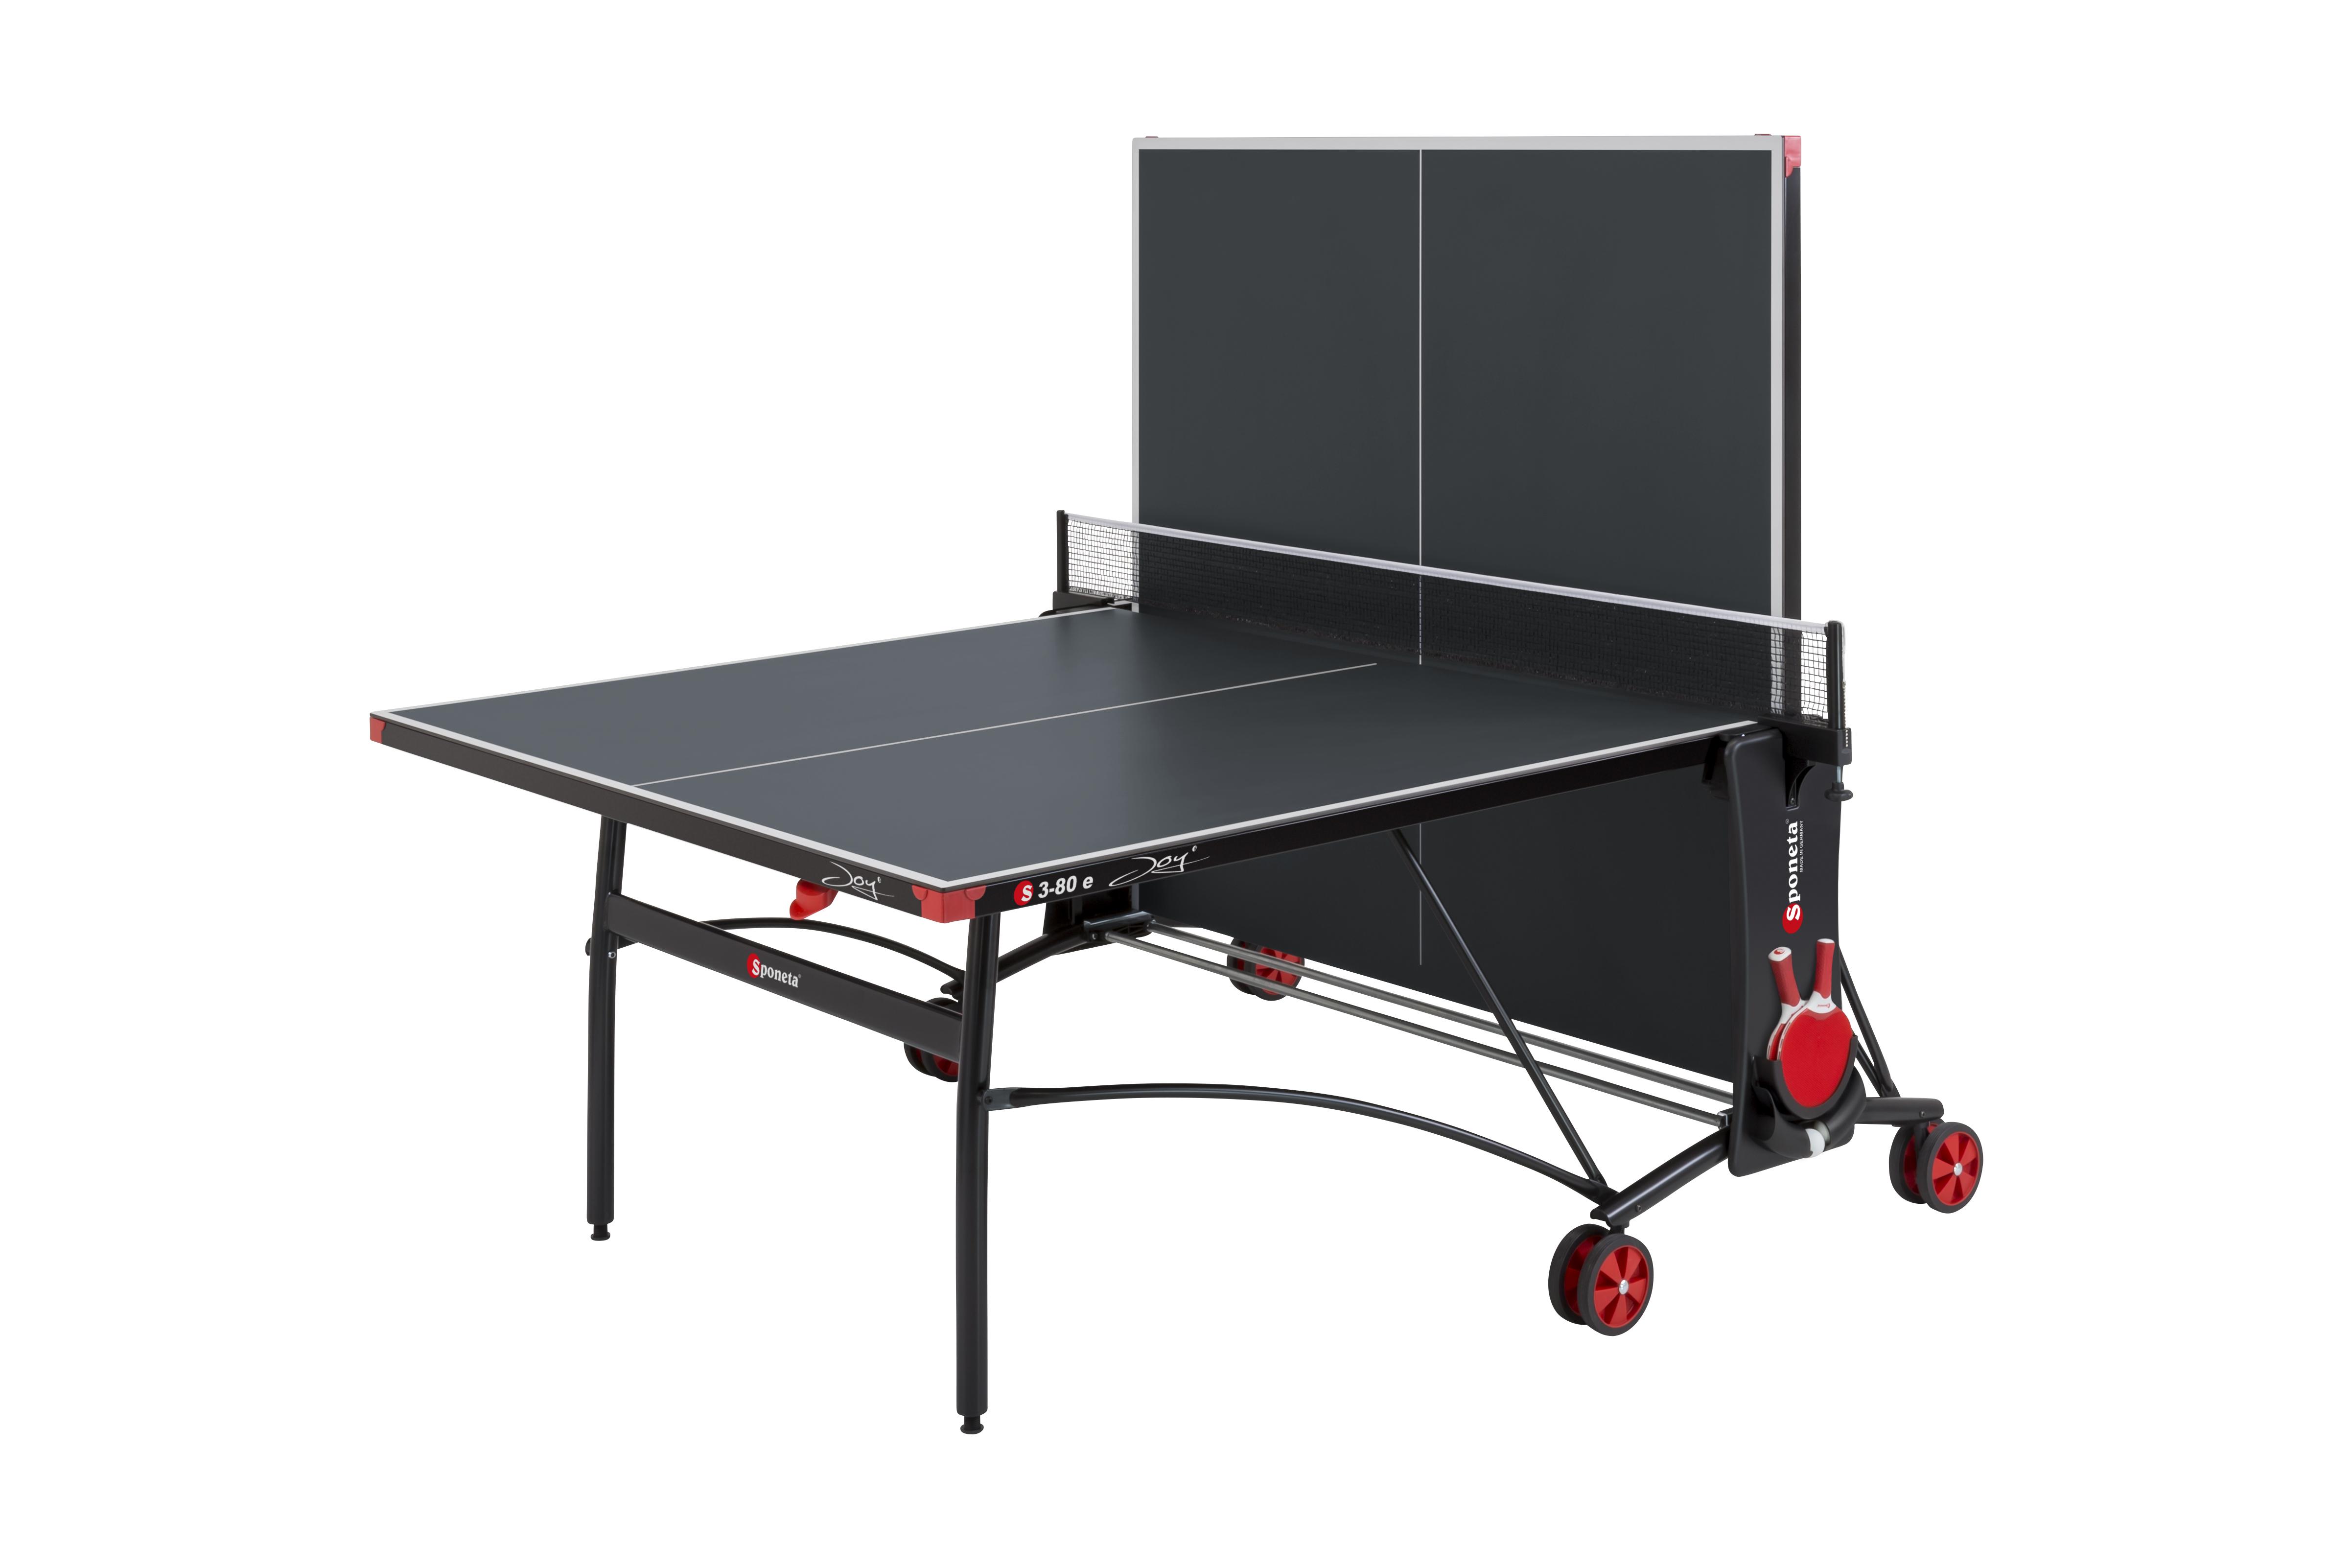 """TC0263: Tafeltennistafel Outdoor SPONETA S 3-80 e grijze tafel met zwart onderstel""""Gratis levering"""" #2"""